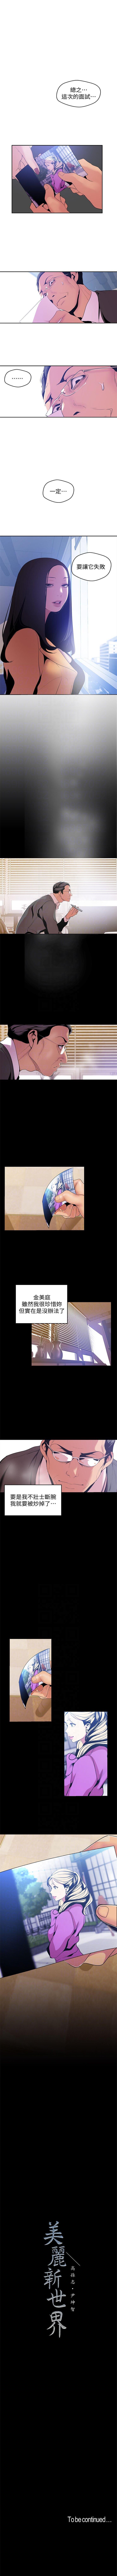 (週1)美麗新世界 1-70 中文翻譯 (更新中) 437